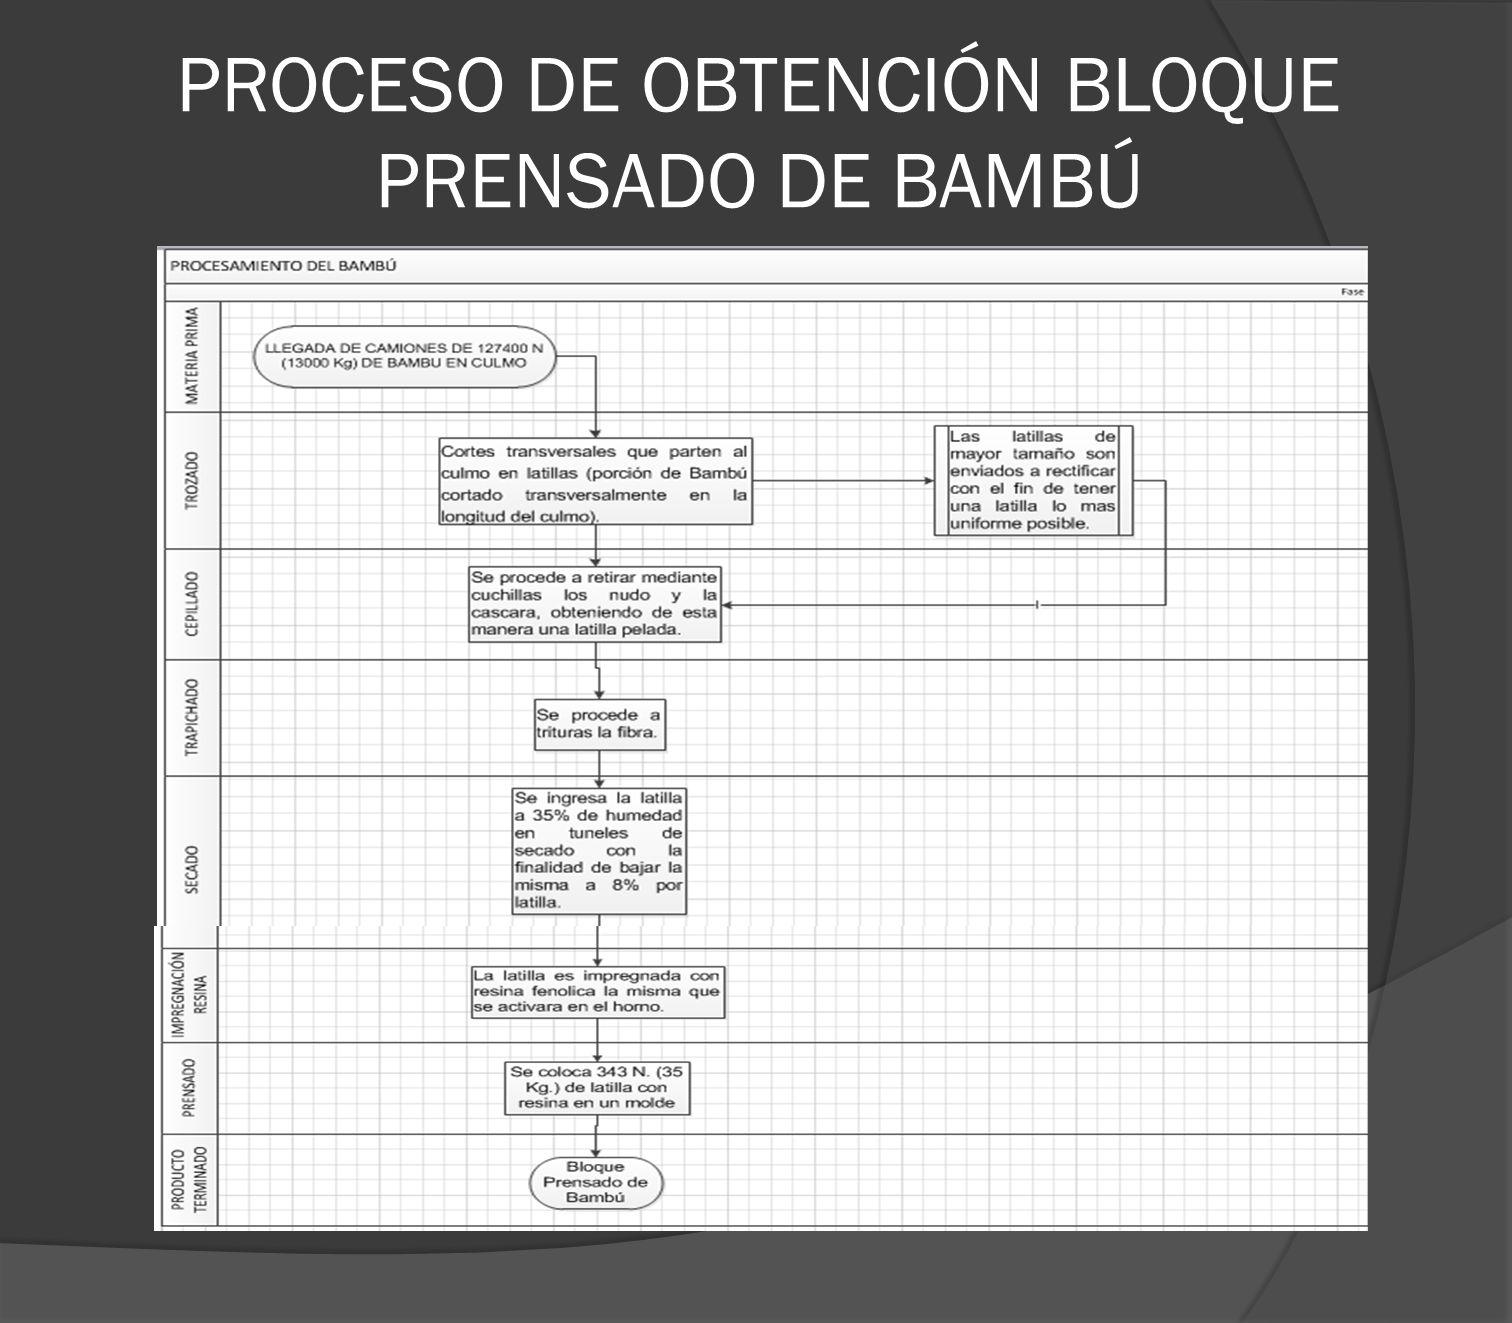 PROCESO DE OBTENCIÓN BLOQUE PRENSADO DE BAMBÚ